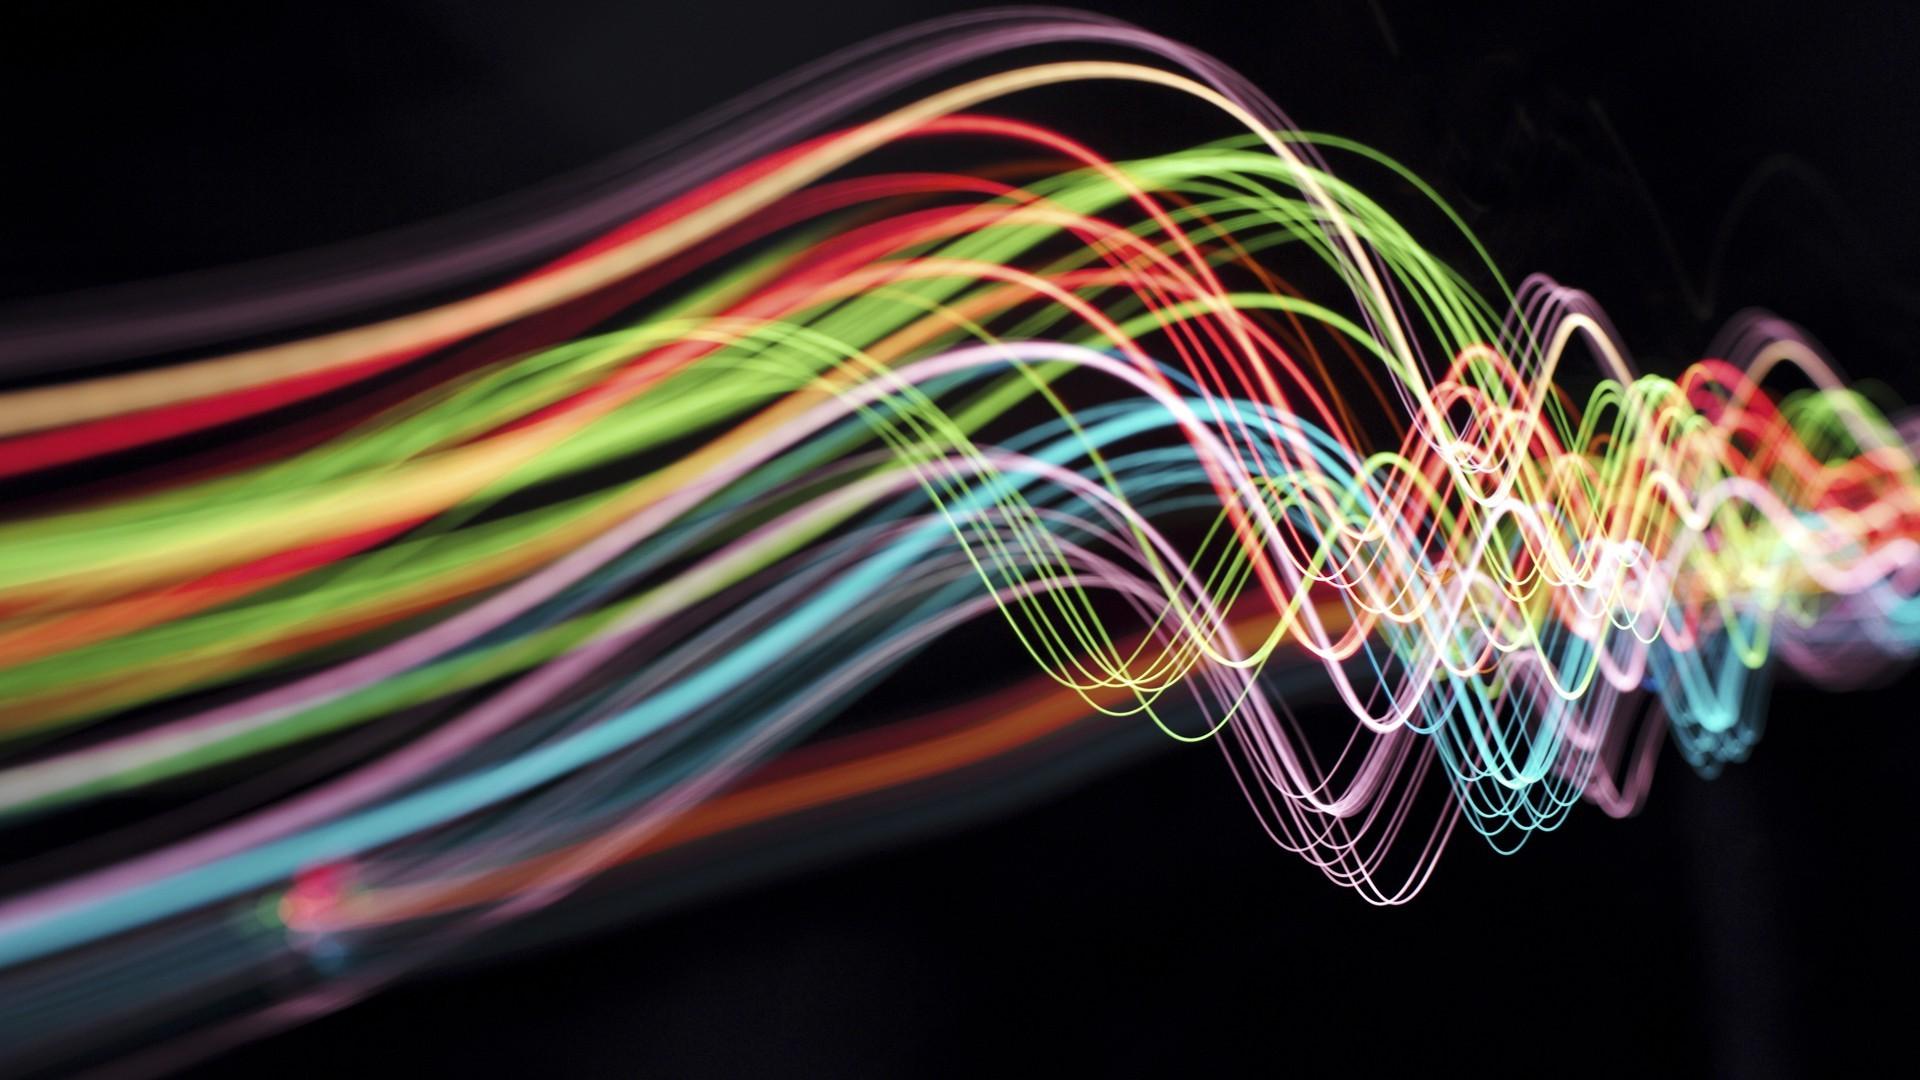 Hintergrundbilder : Neon-, abstrakt, Grün, Technologie, Kabel, Licht ...